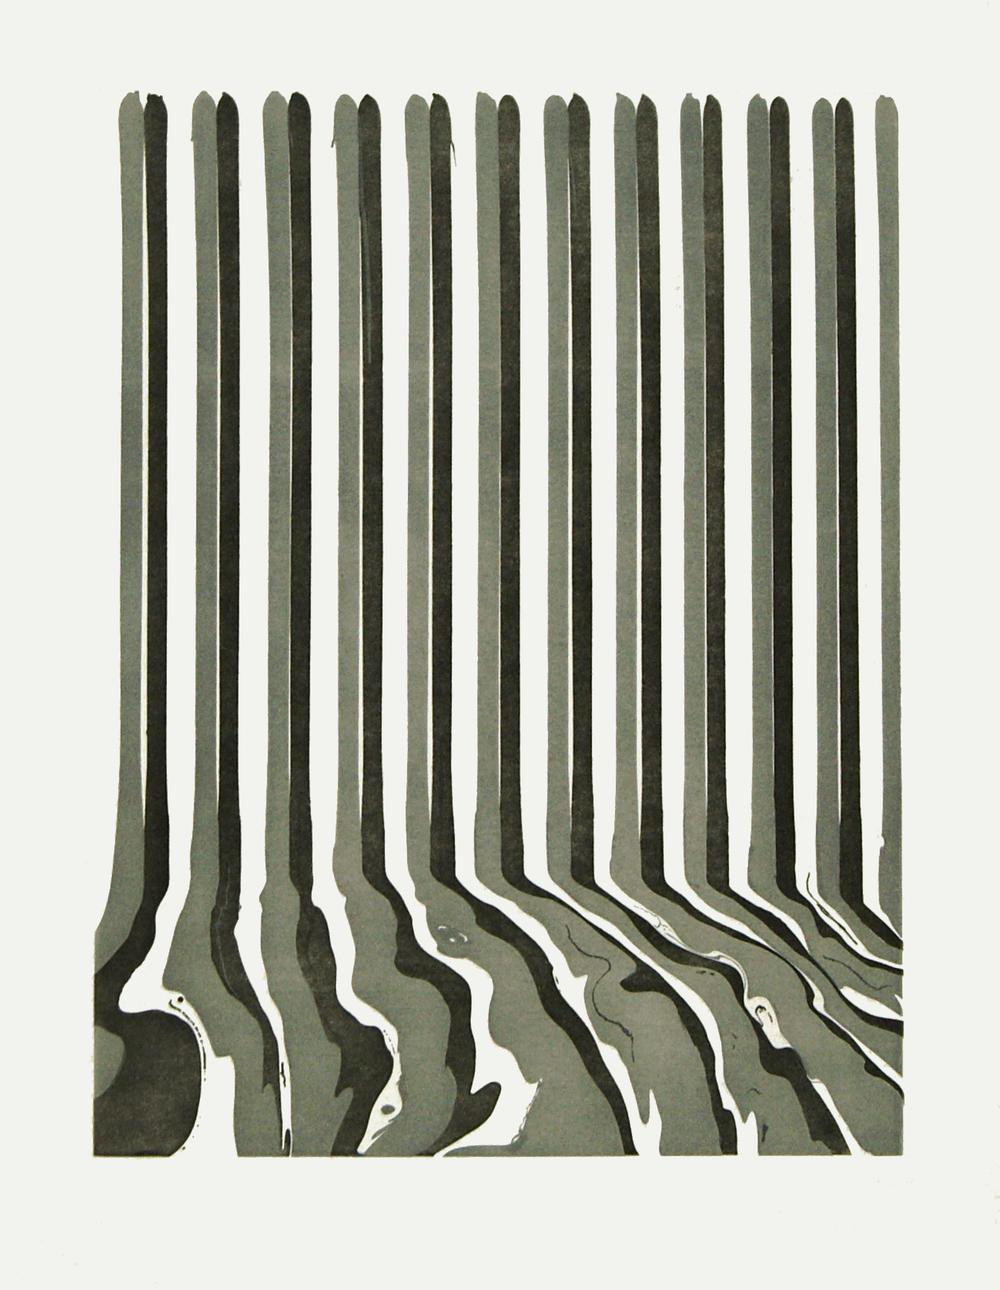 Ian Davenport    Etched Puddle: 46 • 2009 Gravura em metal Edição: única Papel: 86.5 x 67 cm